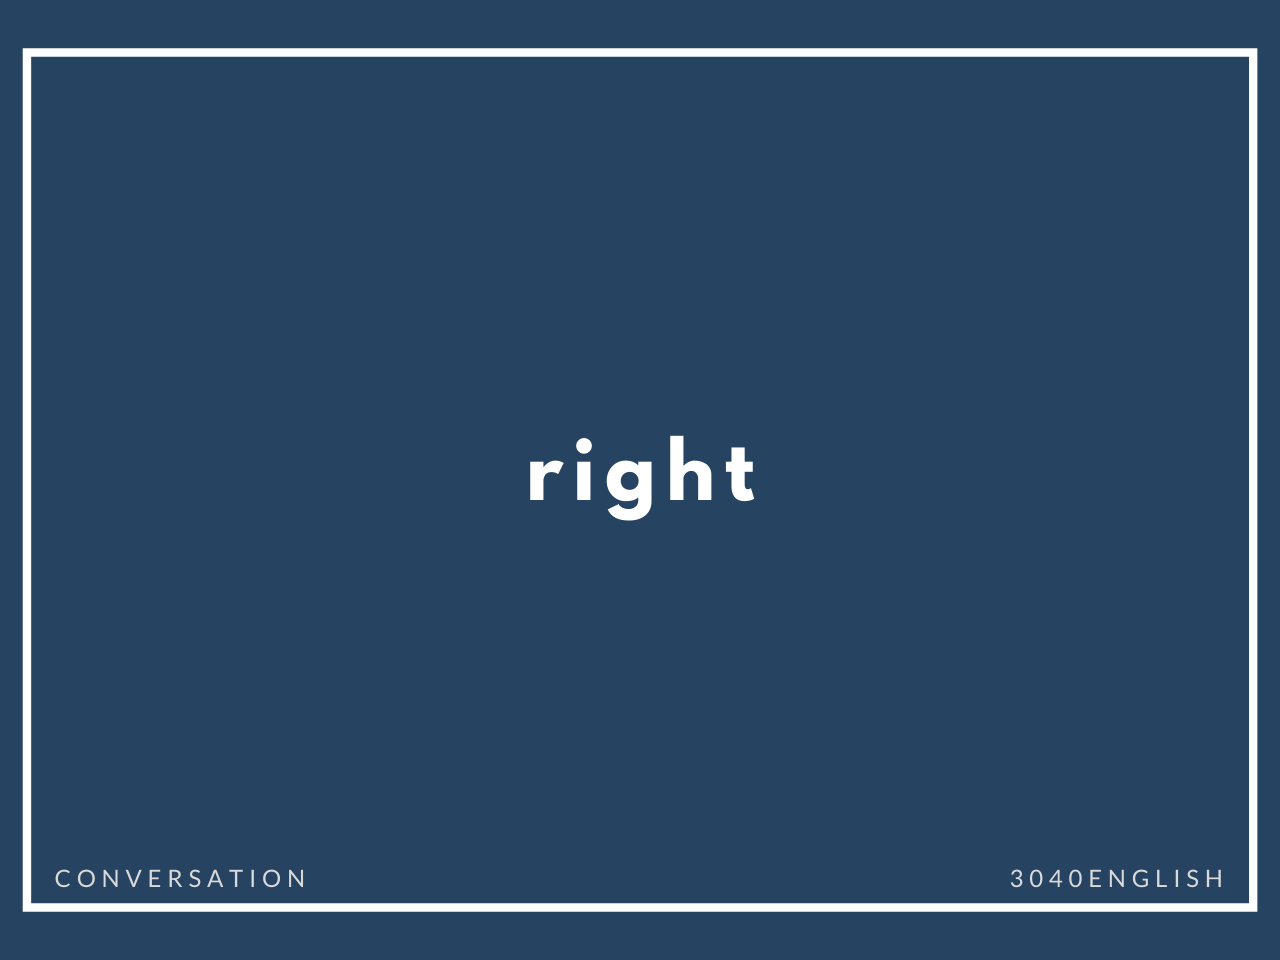 意見や考えに賛成するときの英語表現7選【英会話用例文あり】